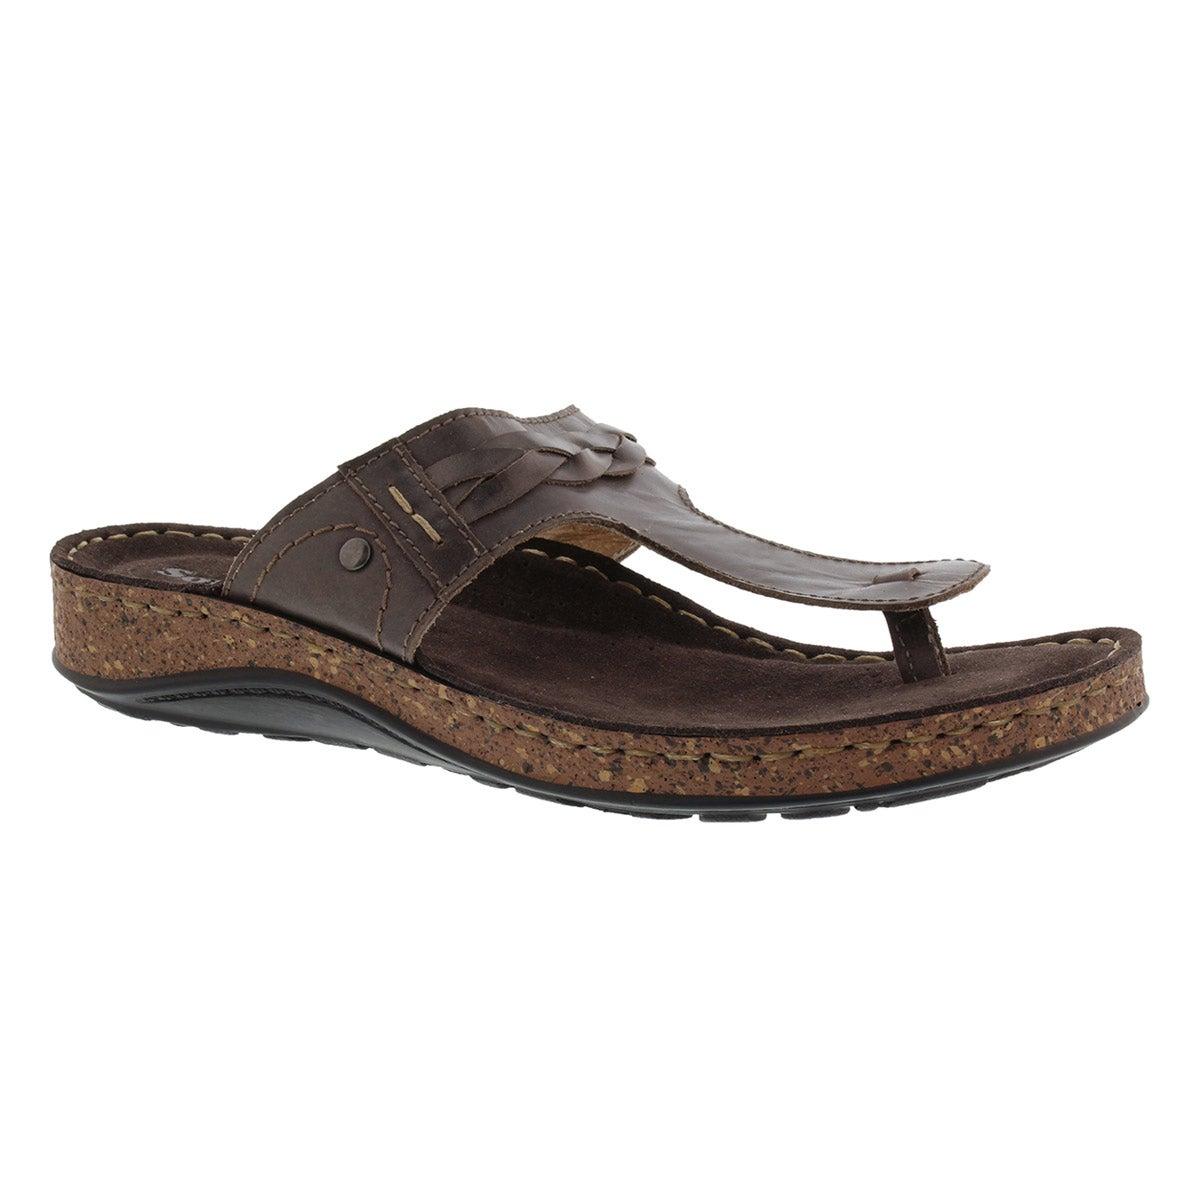 Lds Tari 2 brn memory foam thong sandal